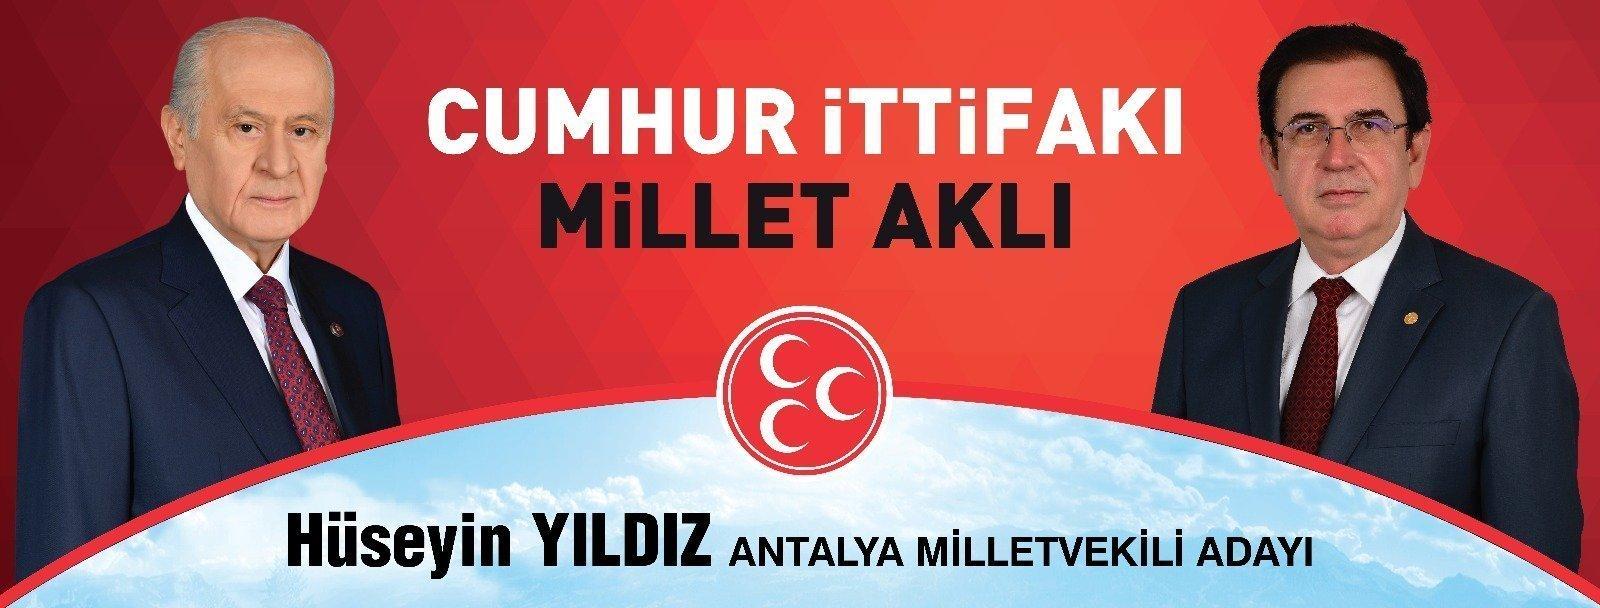 Antalya MHP Milletvekili Adayları Hüseyin YILDIZ